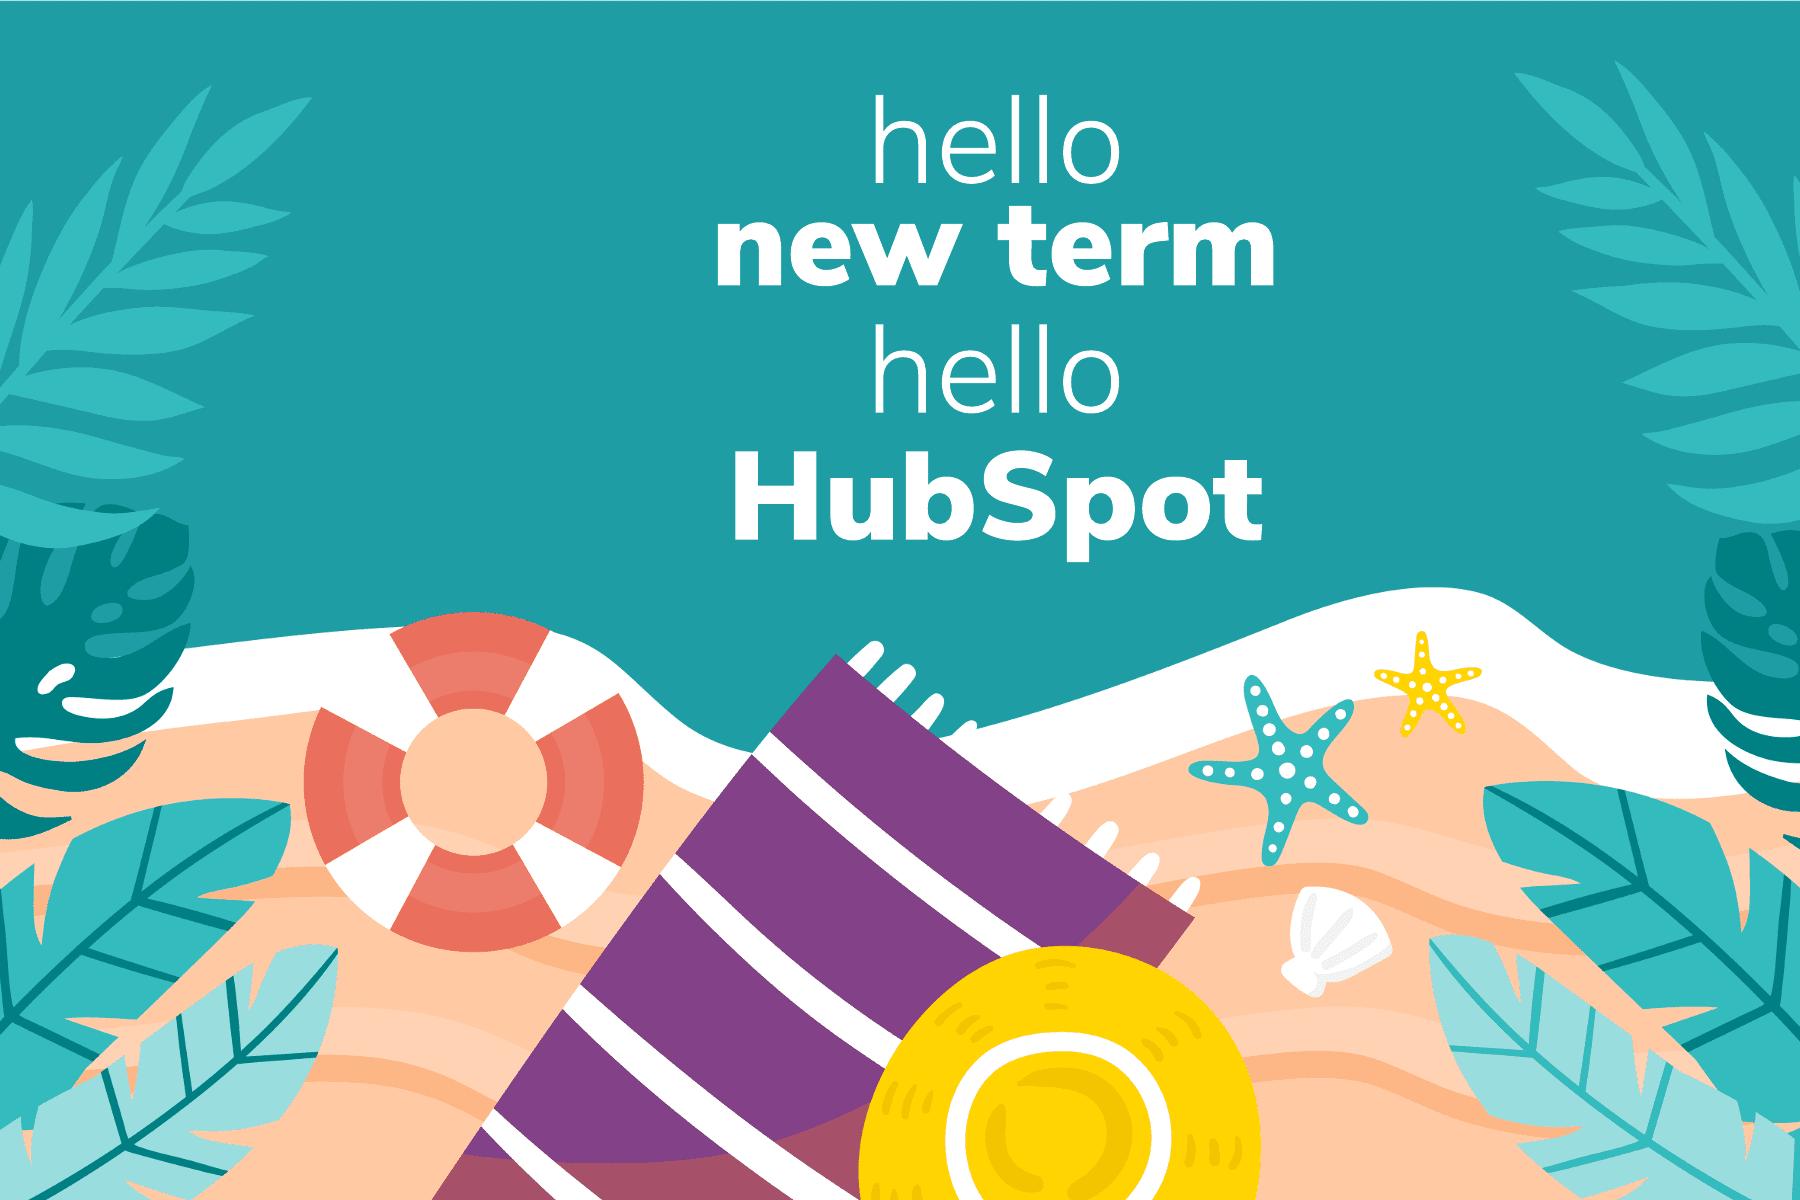 hello new term